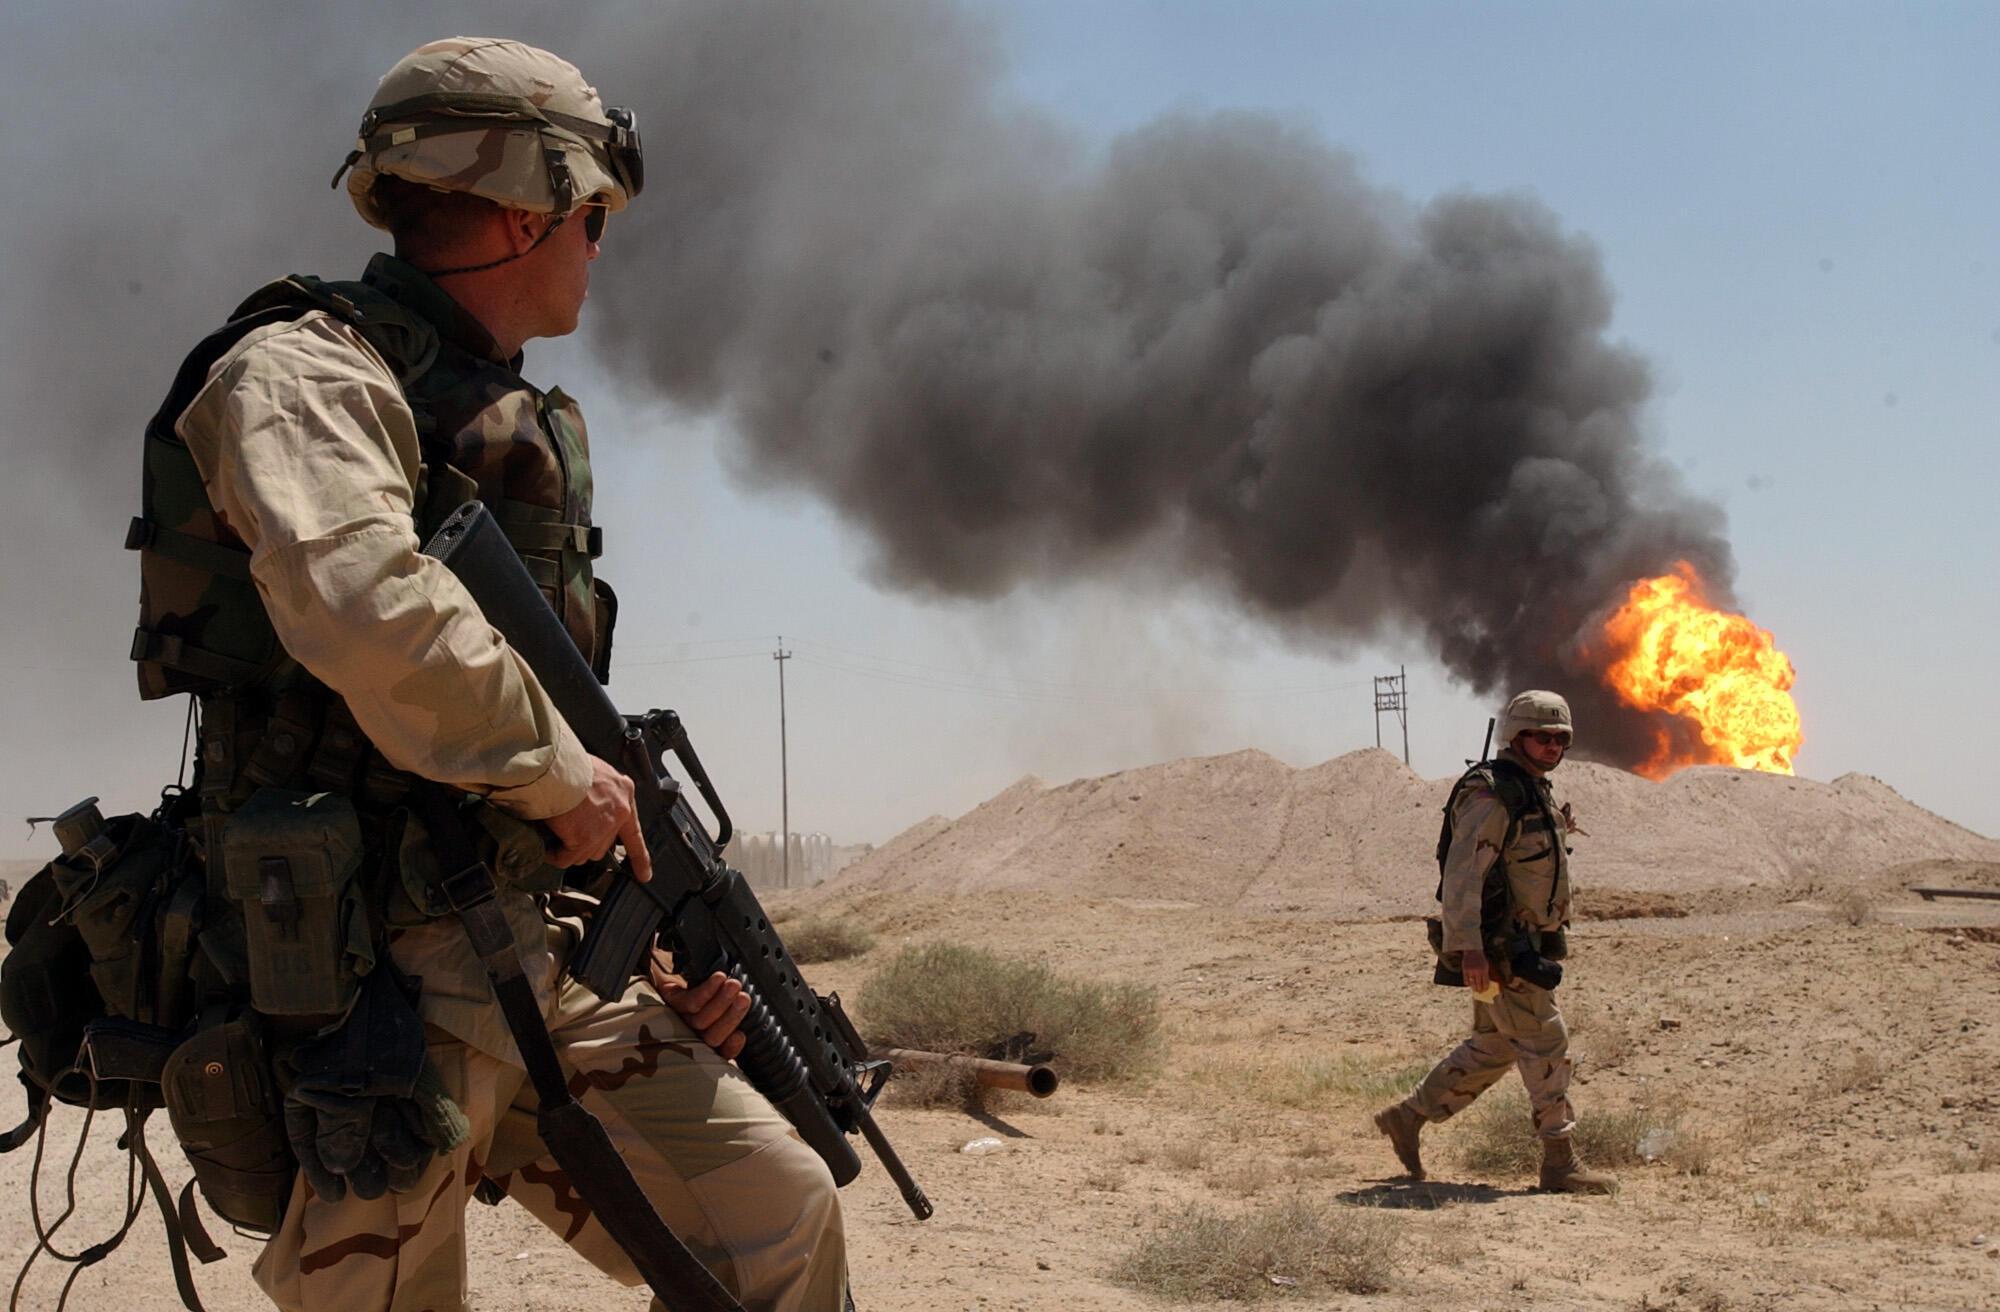 Foto de archivo del sargento estadounidense Mark Phiffer está de guardia cerca de un pozo de petróleo en los campos petroleros de Rumaylah, en el sur de Irak, el de abril de 2003.